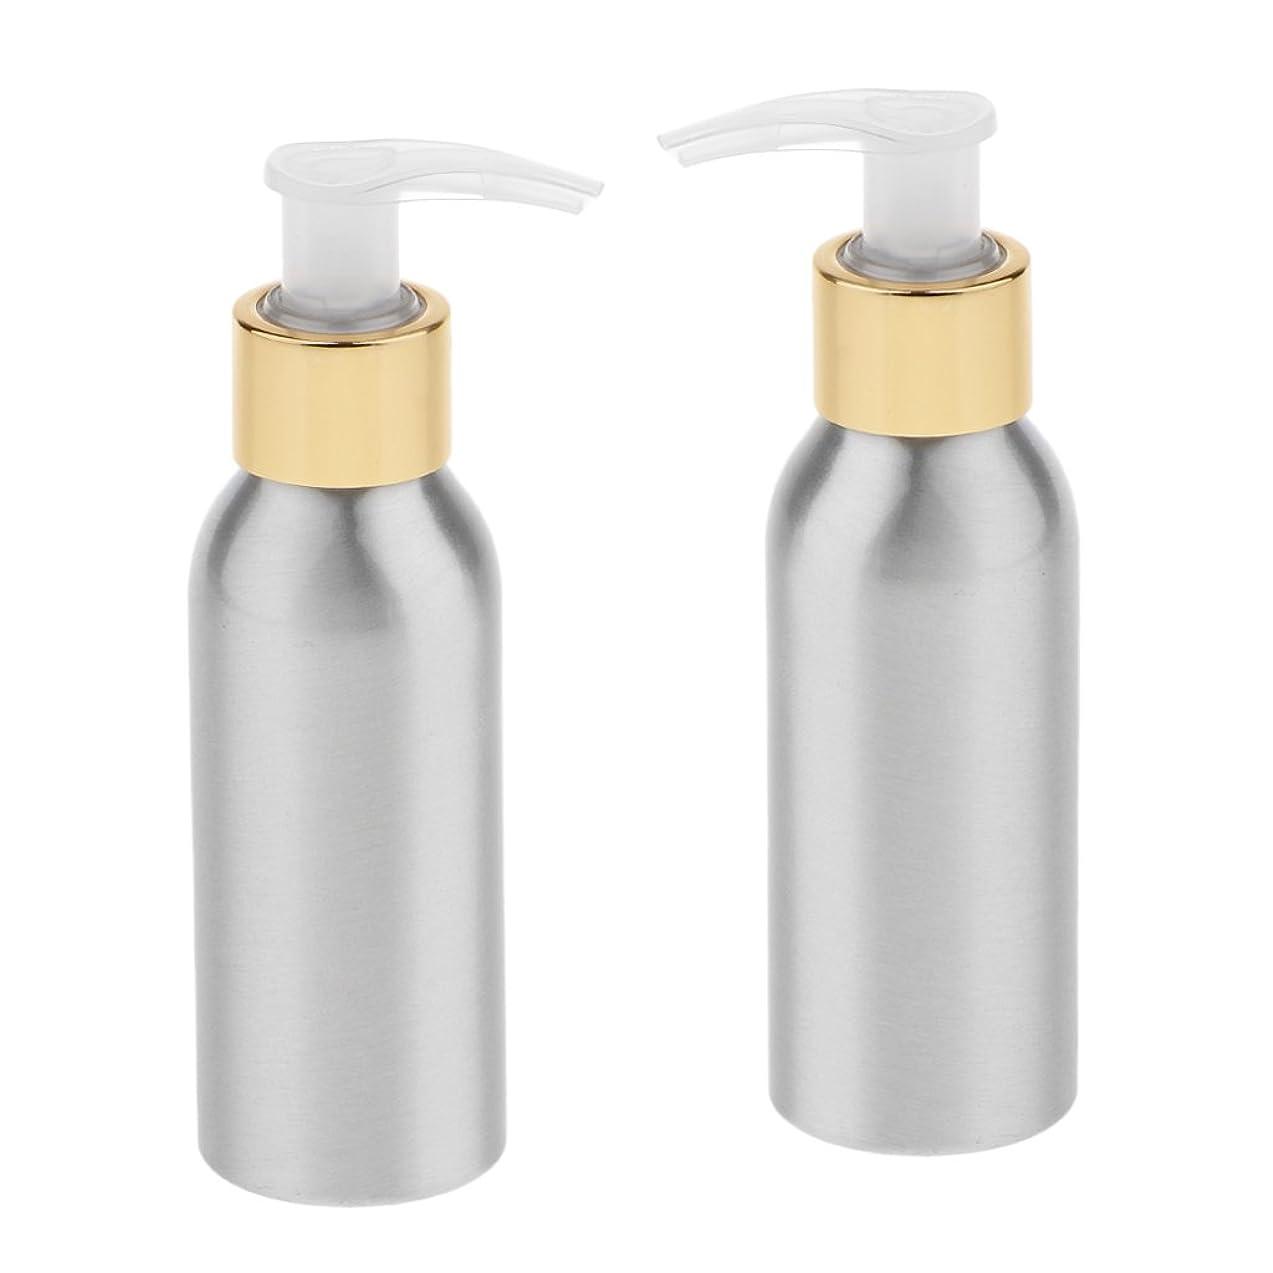 リーク人柄疎外するCUTICATE 香水ボトル スプレーボトル ポンプボトル アルミ DIY 噴霧器 詰替え 2本 全6サイズ - 120ml